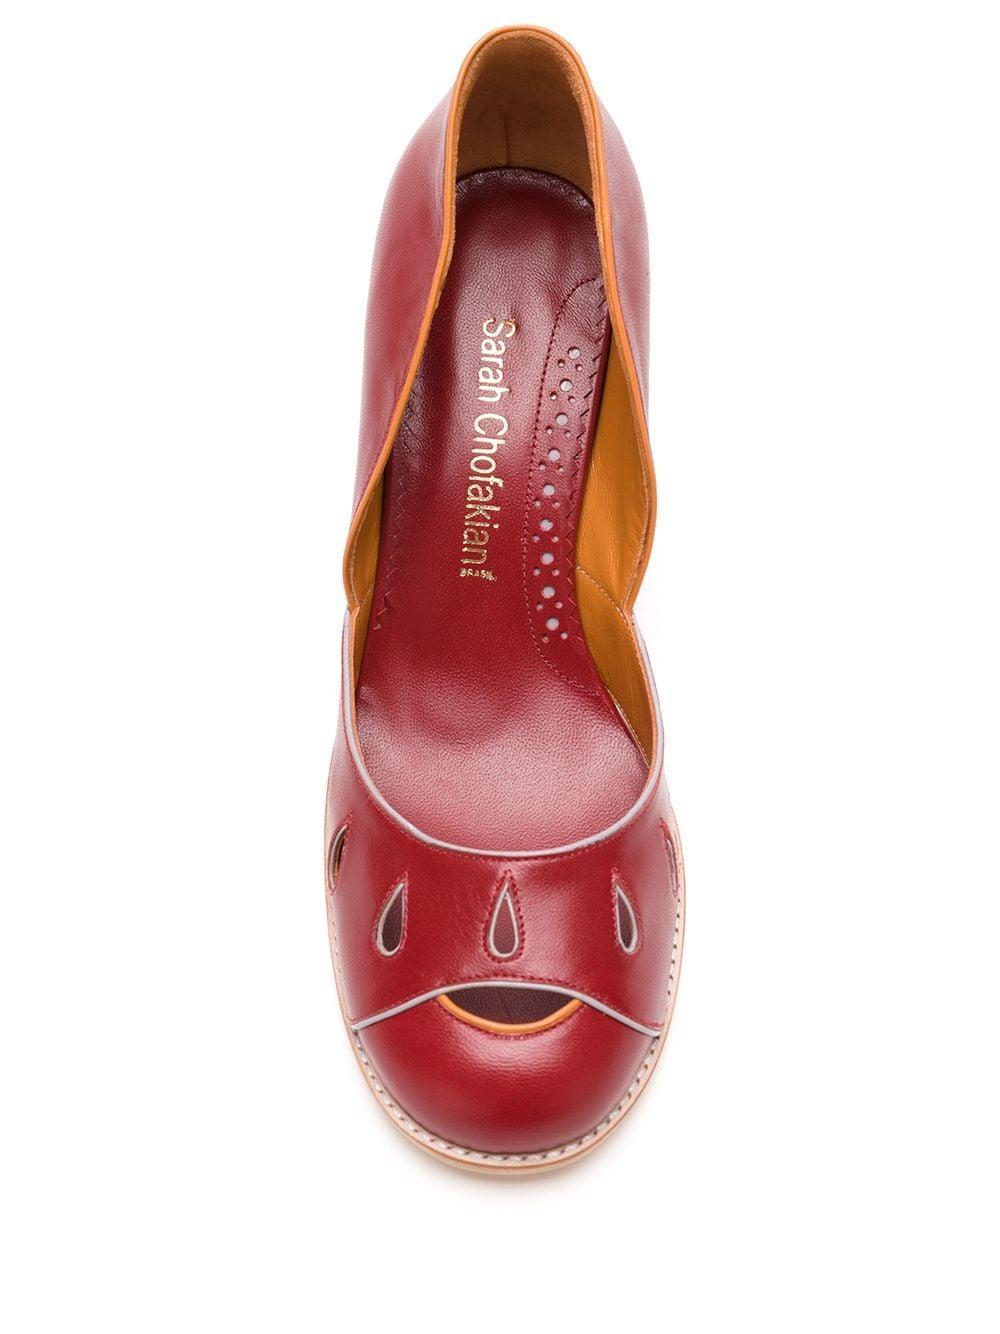 Zapatos de tacón Malee Sarah Chofakian de color Rojo